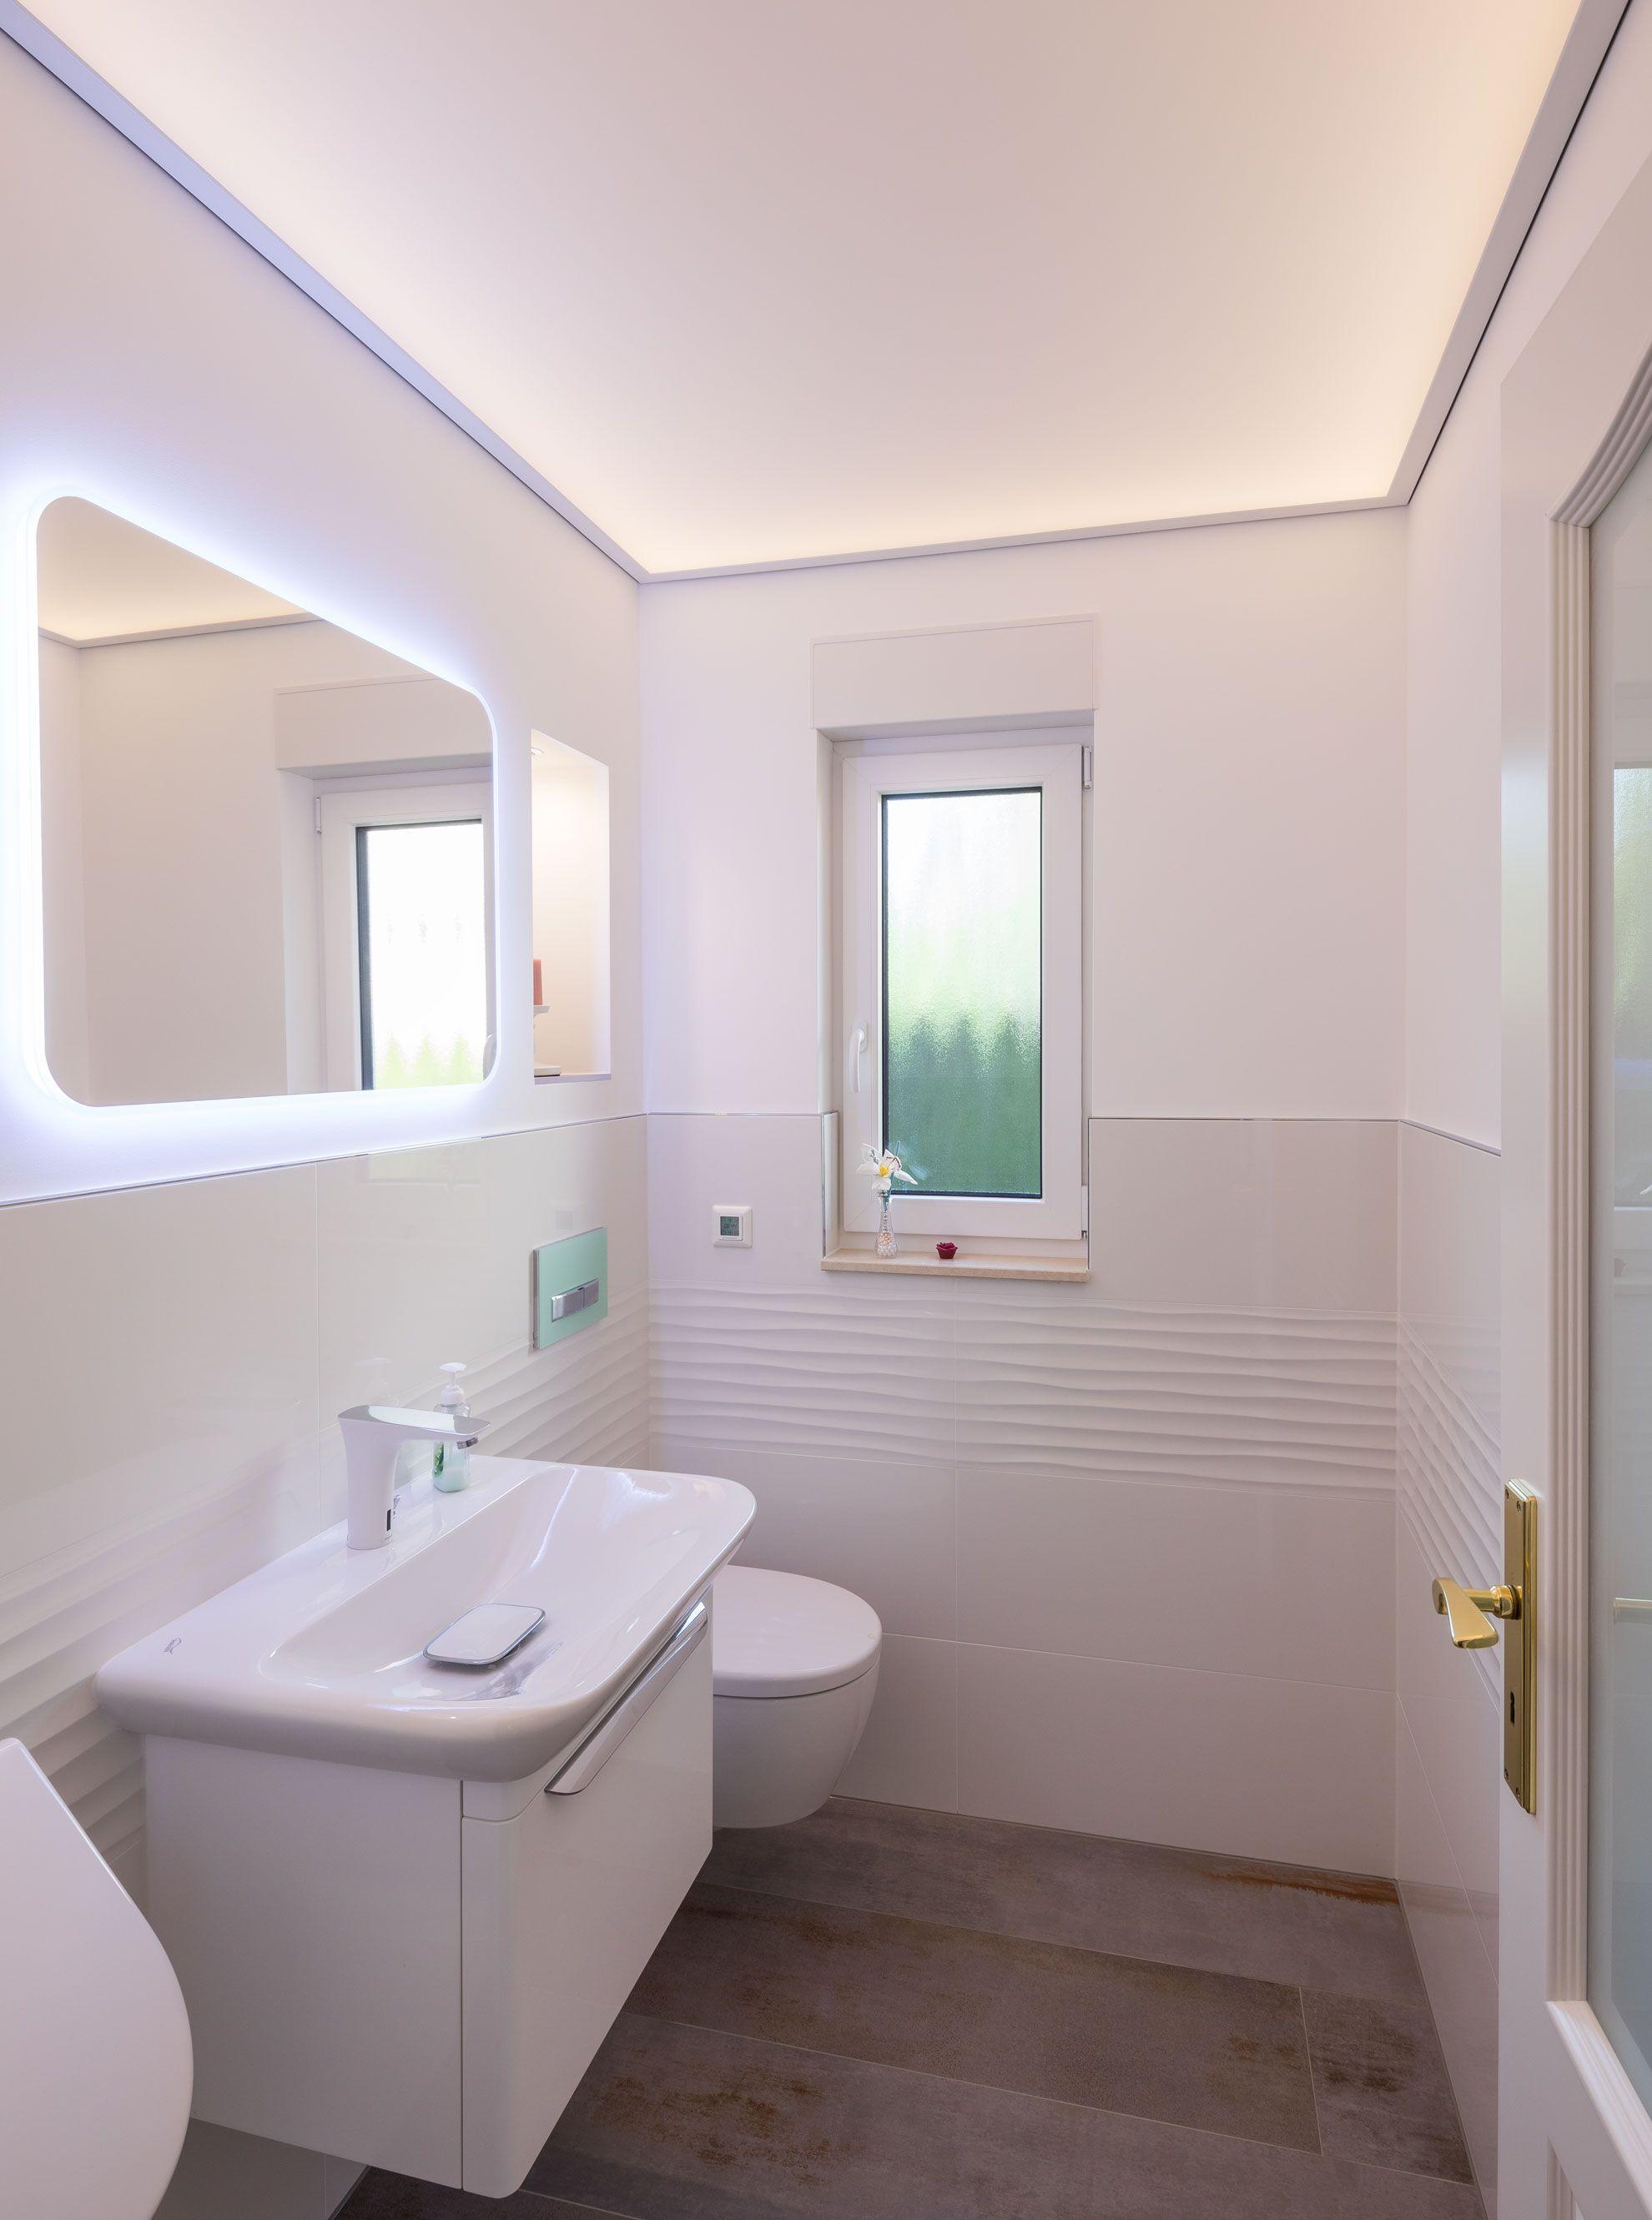 Ideen Badezimmer Beleuchtung Badezimmer Baden Neues Badezimmer